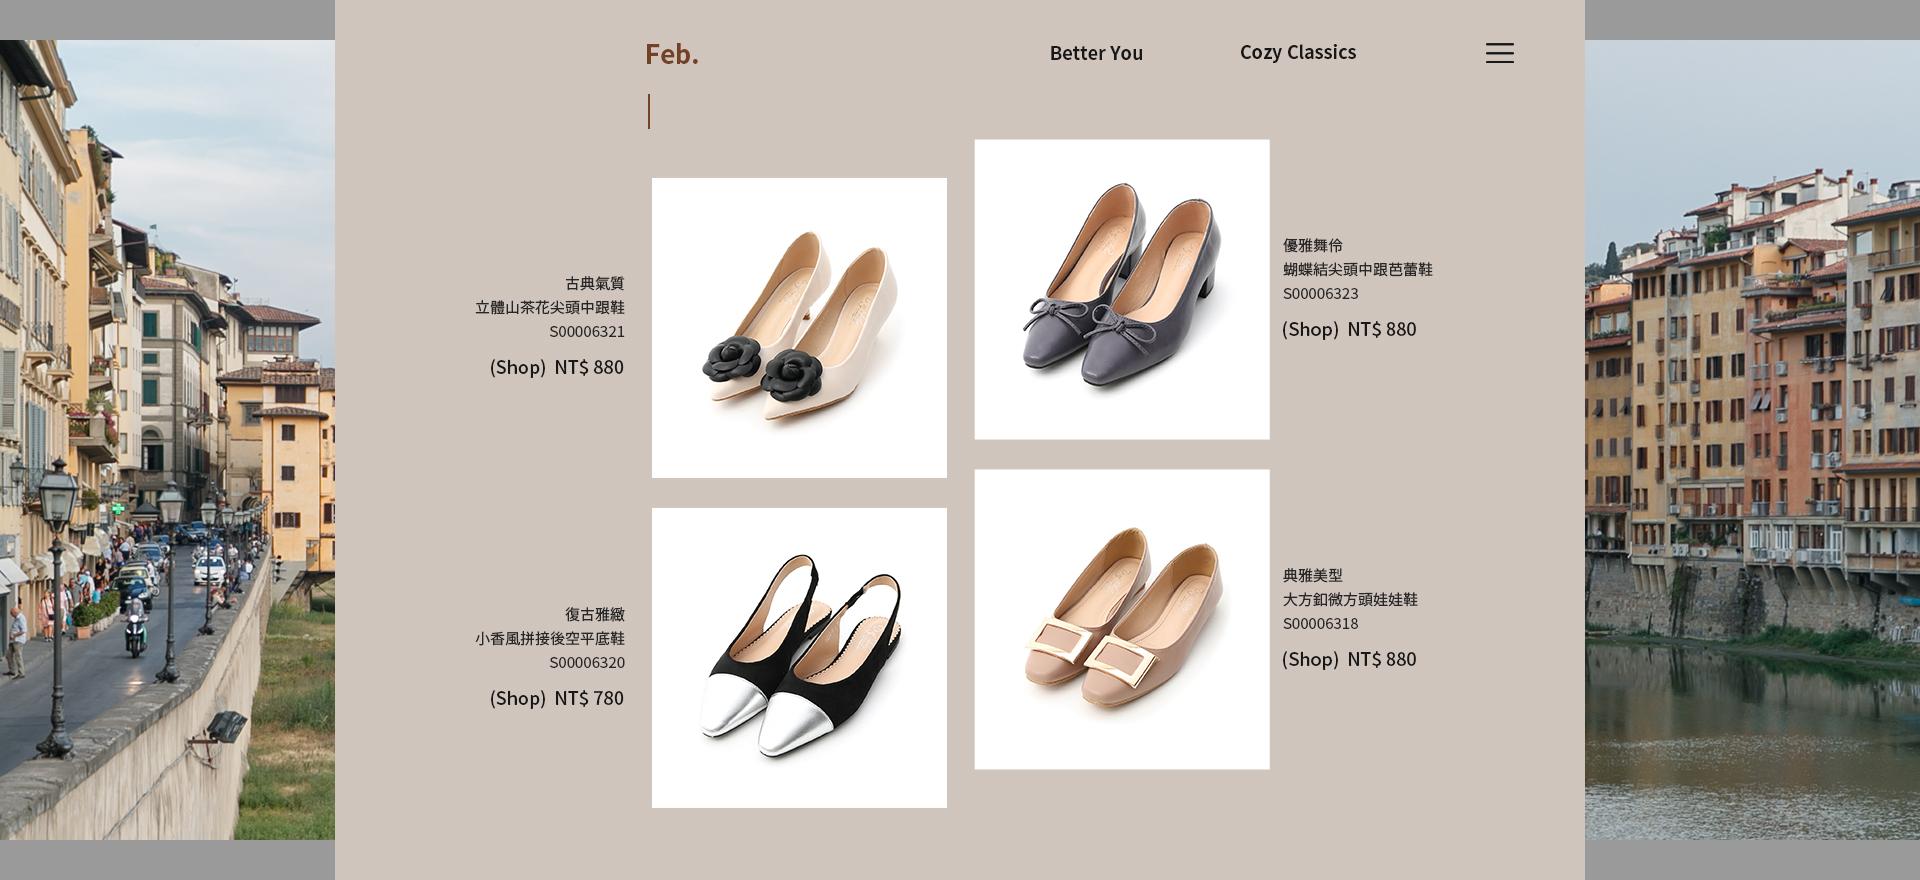 早春新品女鞋鞋款推薦 平底鞋 娃娃鞋 低跟鞋 芭蕾鞋